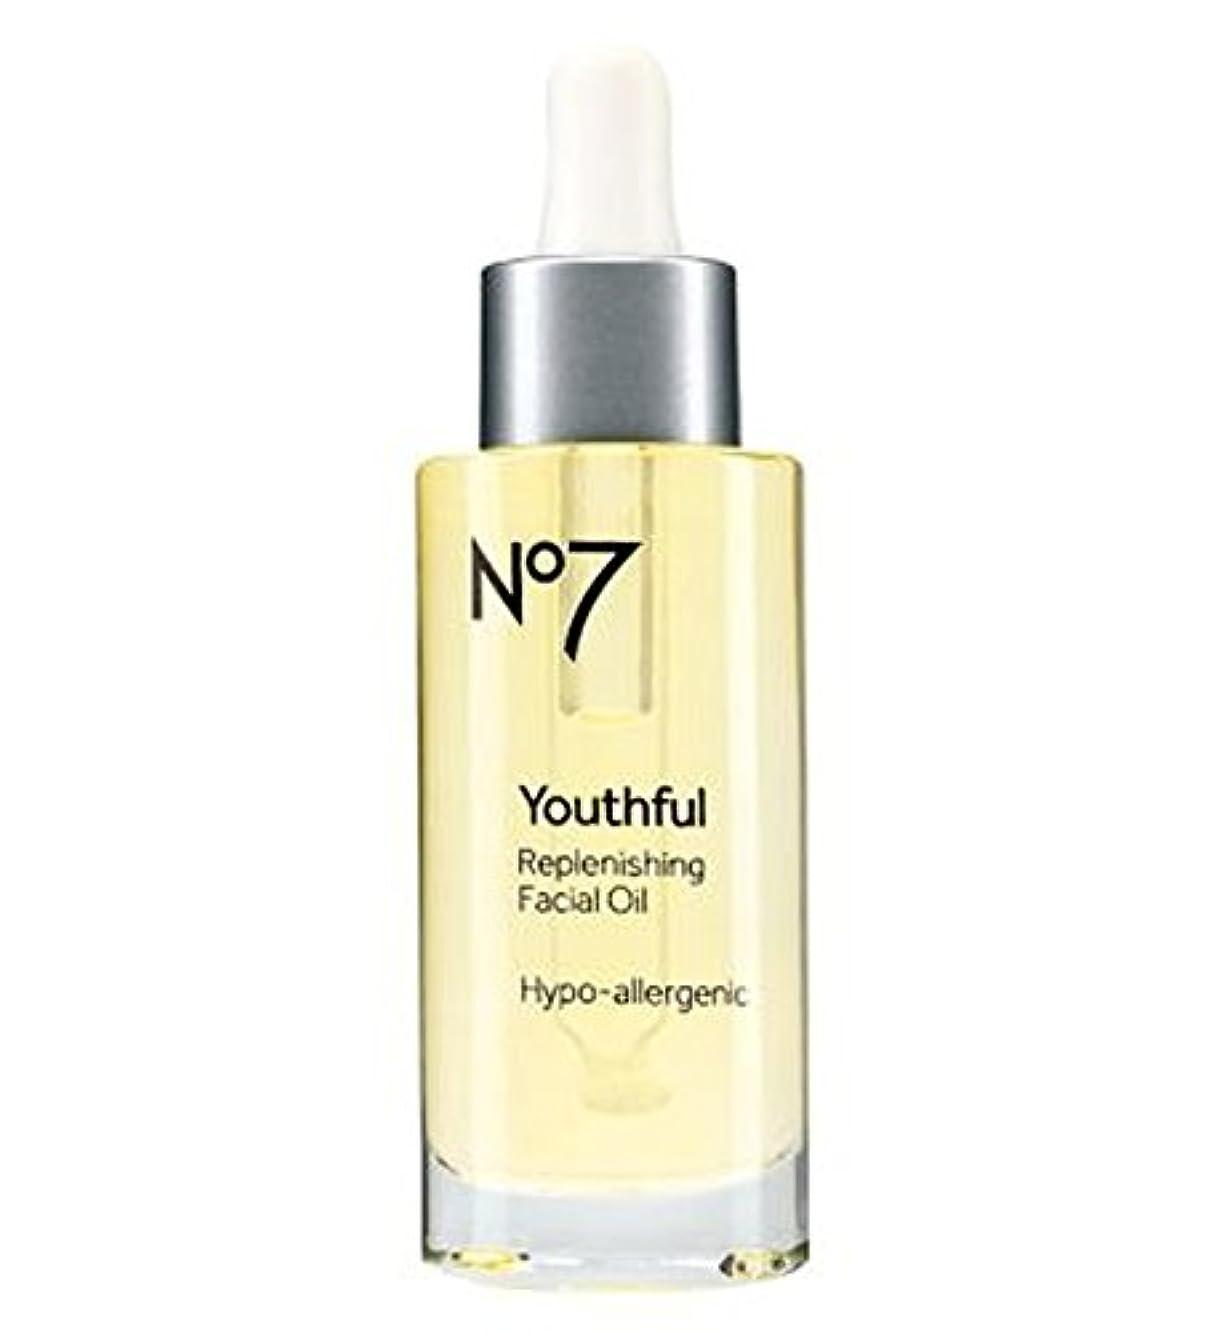 クラックポット設計図ダイバーNo7若々しい補給フェイシャルオイル30ミリリットル (No7) (x2) - No7 Youthful Replenishing Facial Oil 30ml (Pack of 2) [並行輸入品]